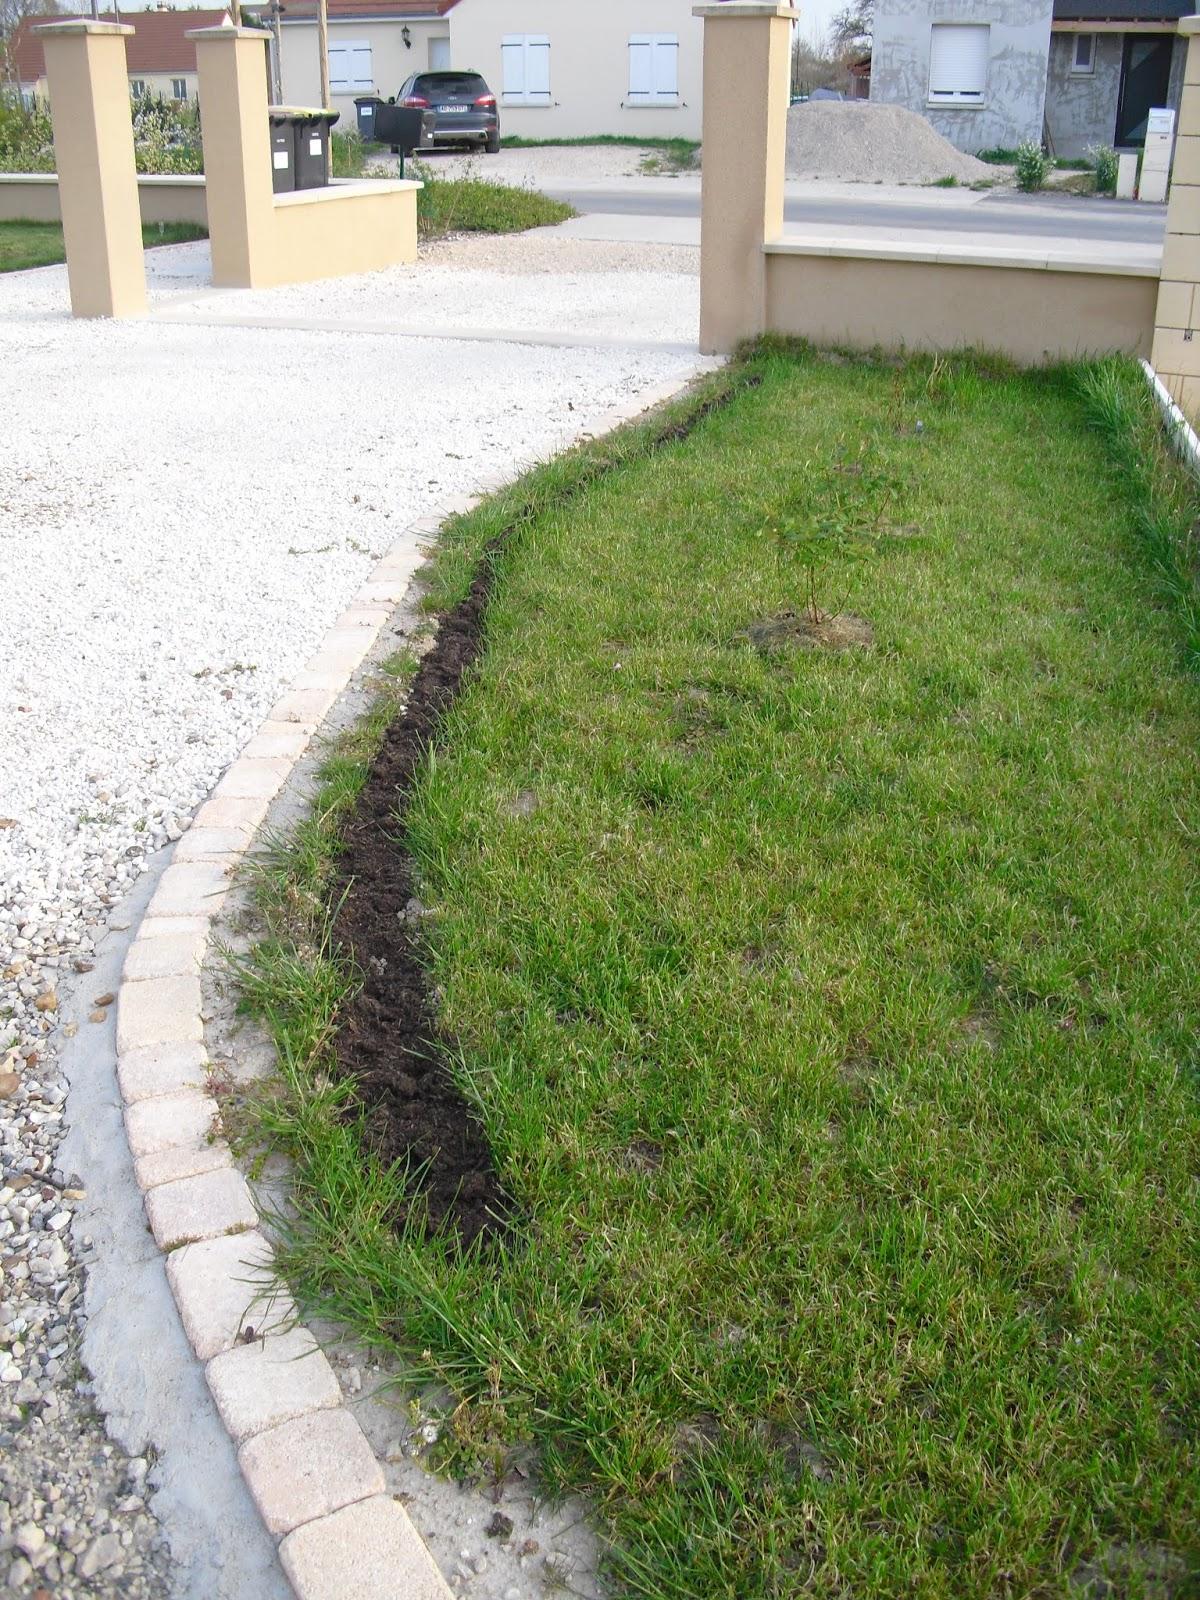 Mon petit jardin en Sologne: Le jardin a 5 ans ! Partie 5 ...